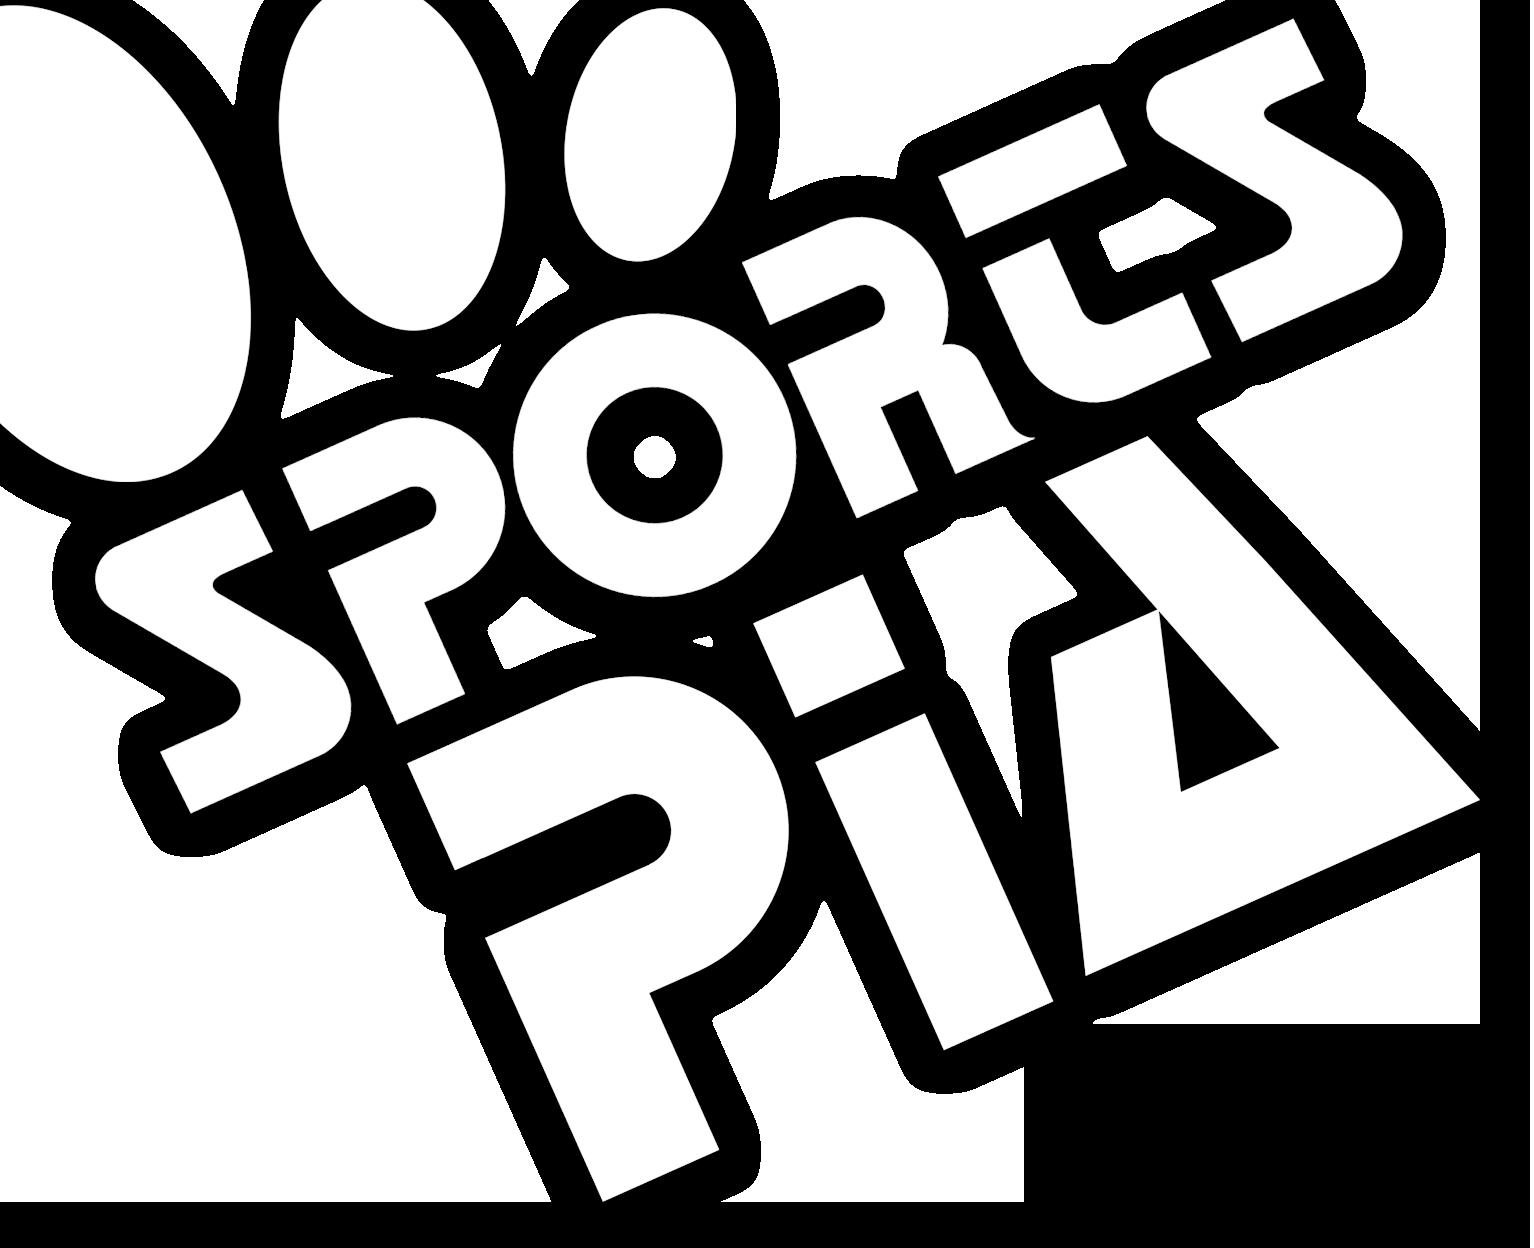 中標津のスポーツ用品総合ショップスポーツピア